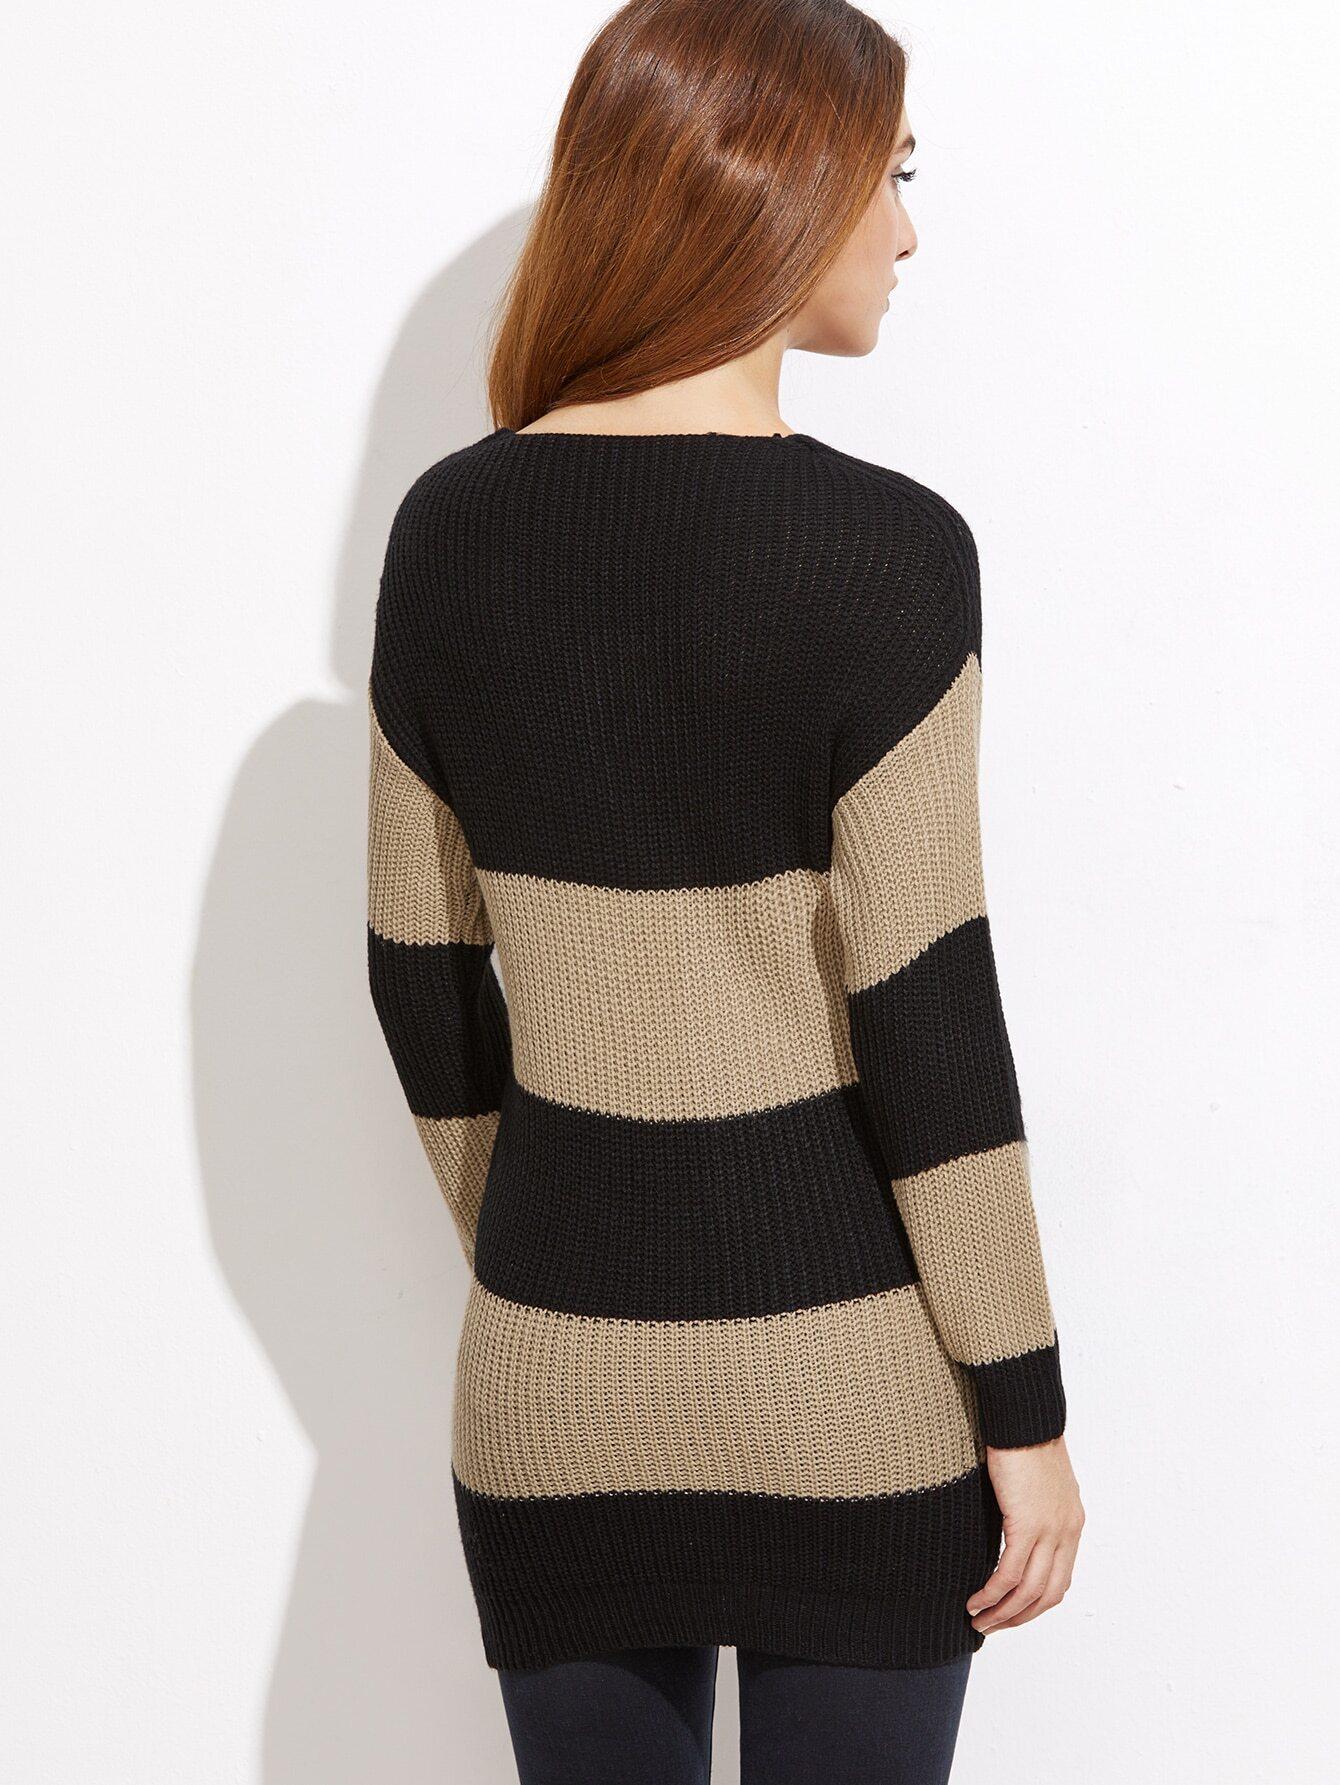 dress161019403_2